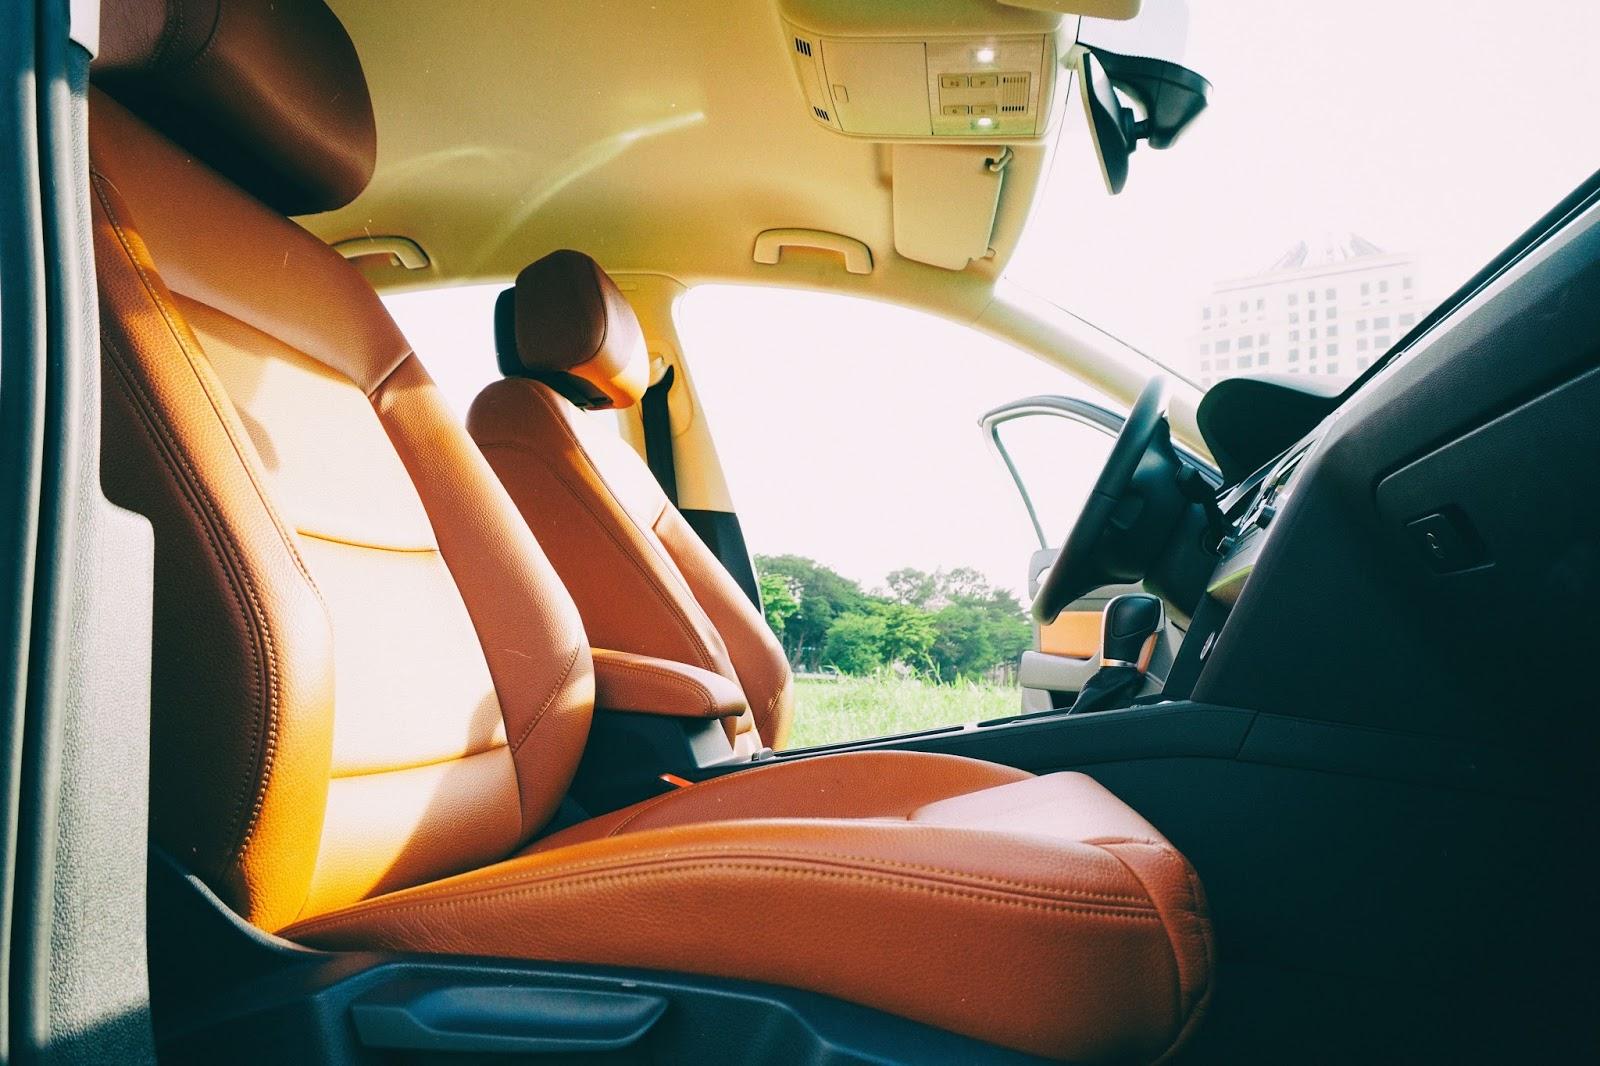 Ngồi trong xe cho tôi cảm giác trống trãi vì...nó quá rộng